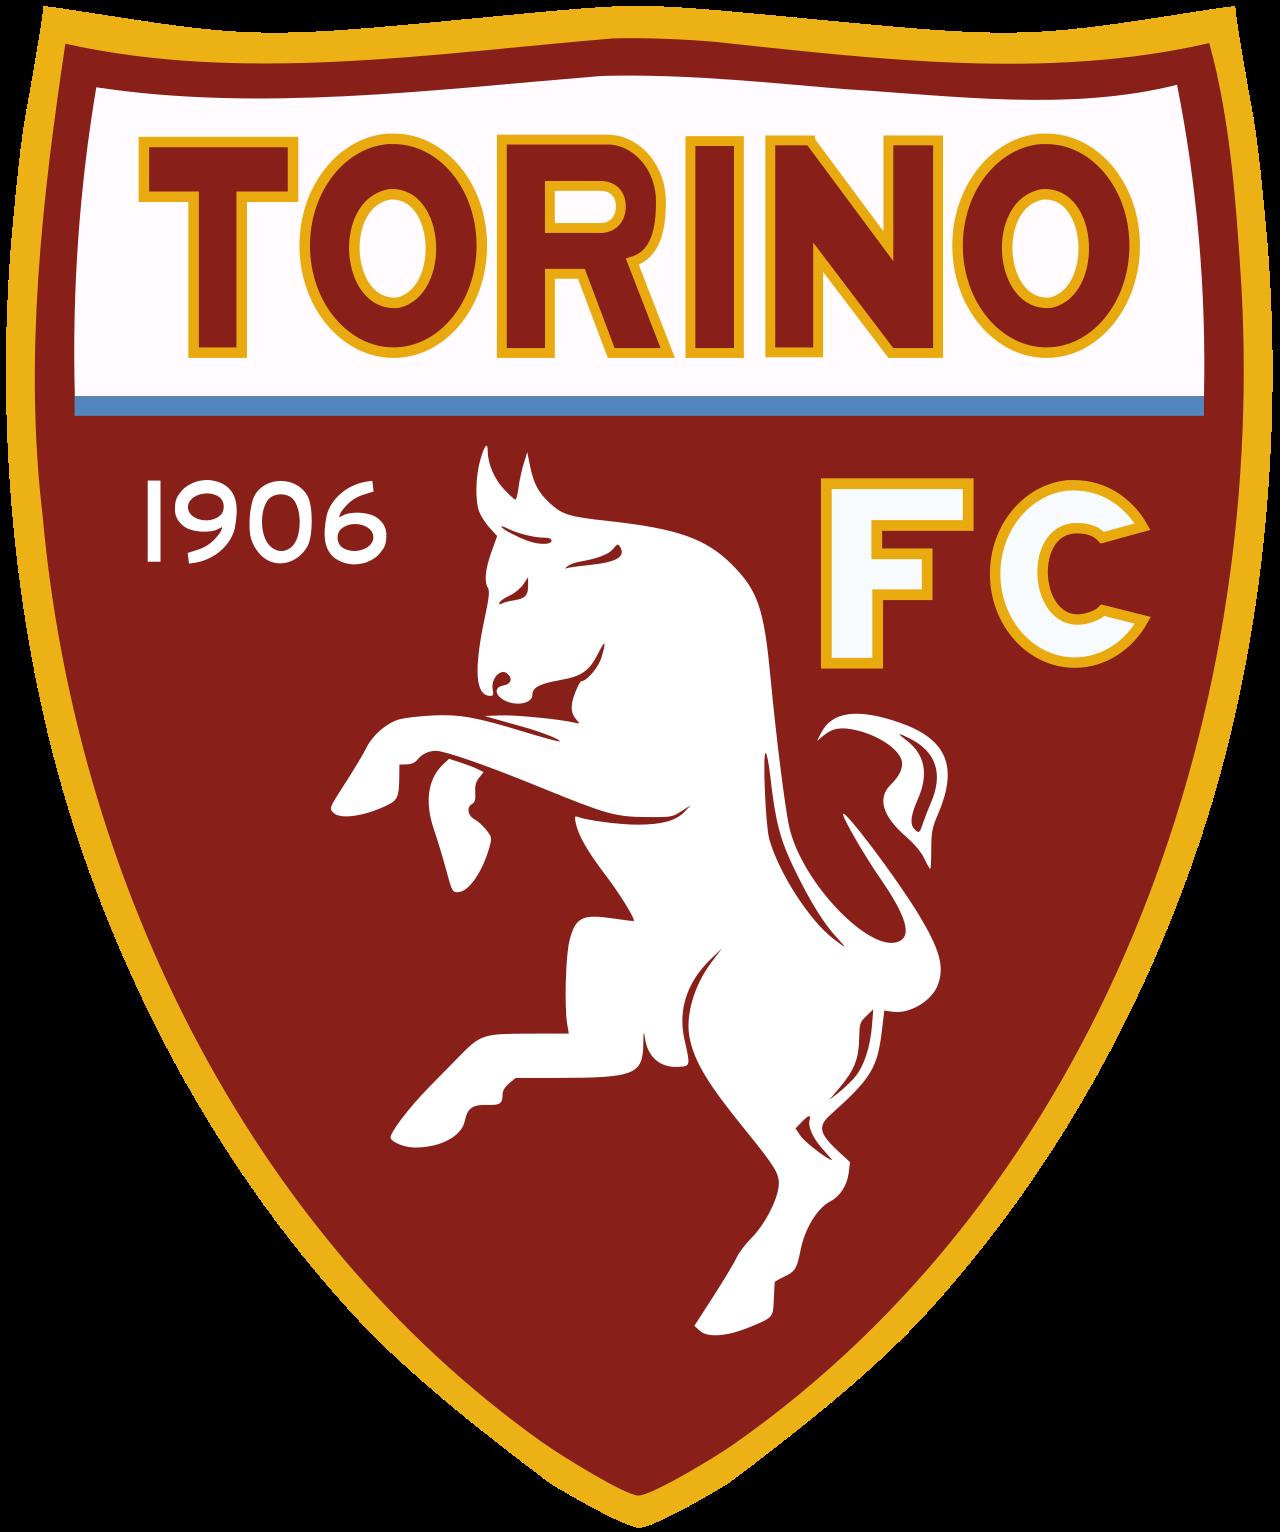 Torino.png